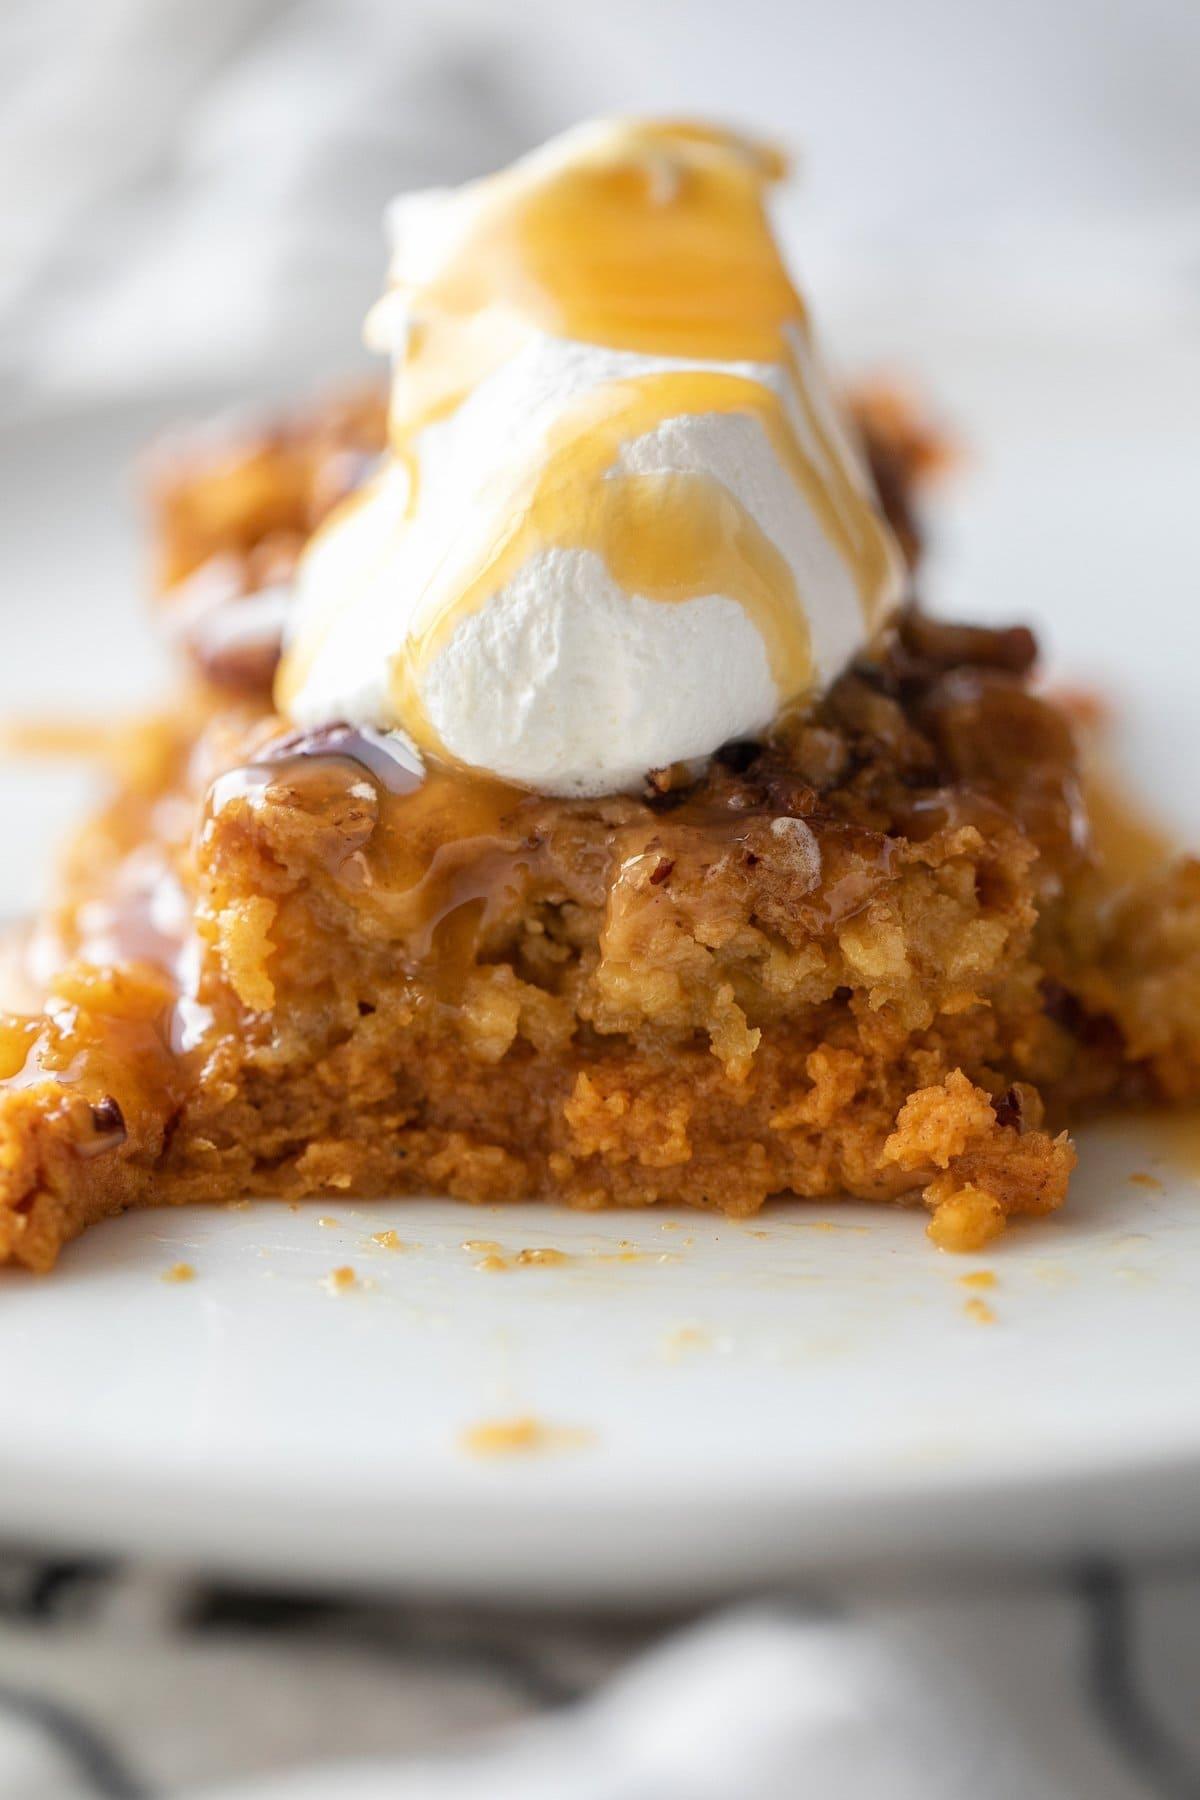 pumpkin crunch cake on plate